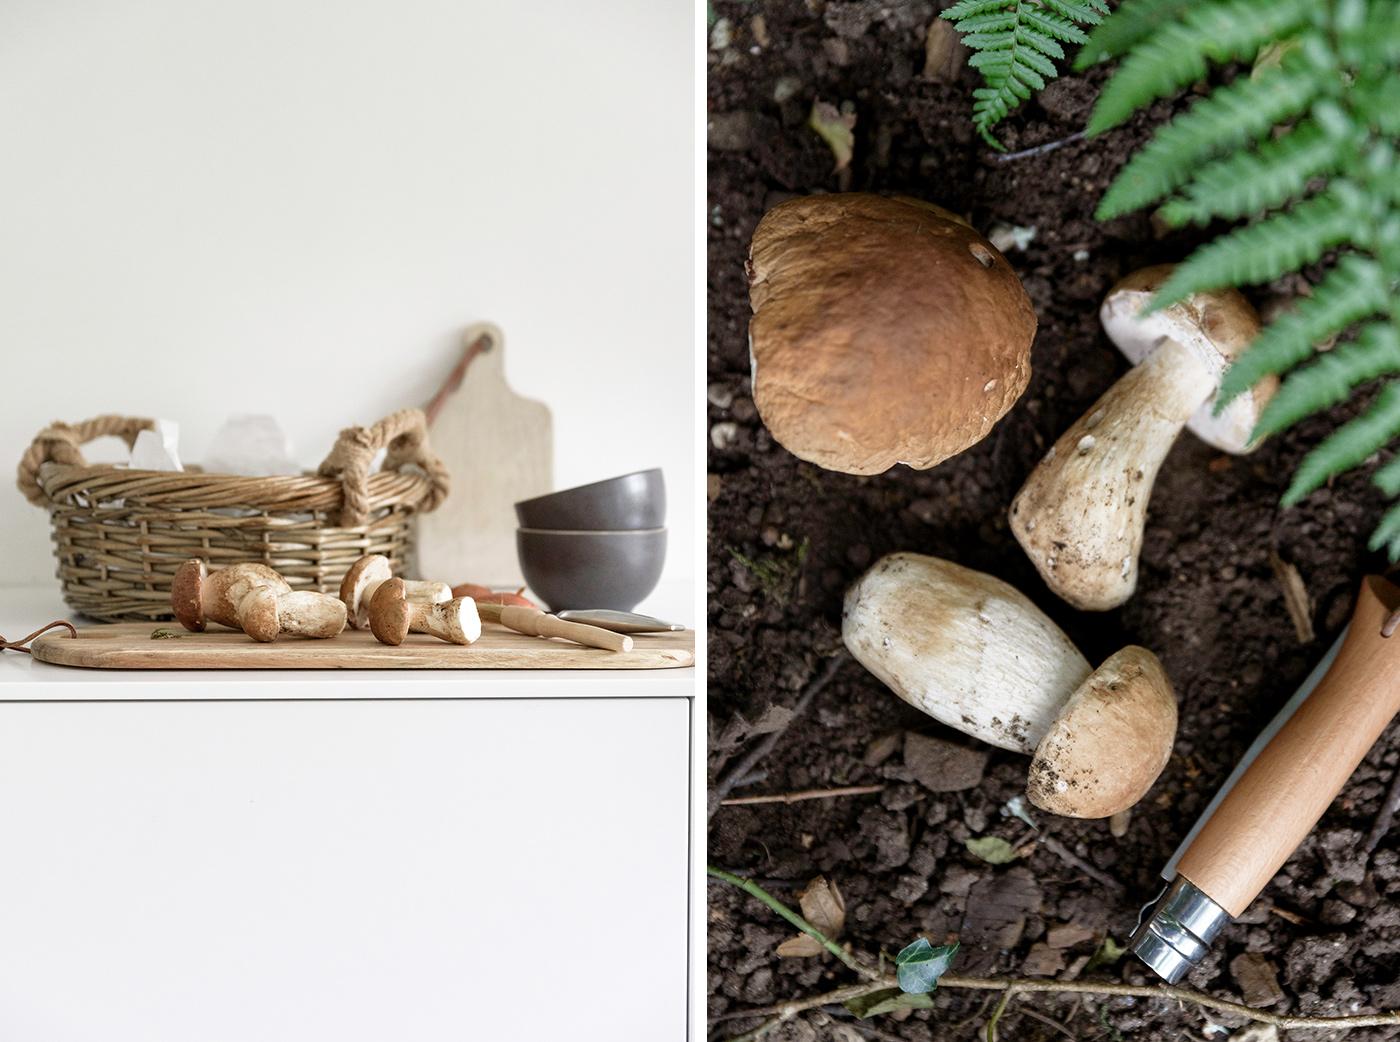 Tipps zum Thema: Pilze sammeln